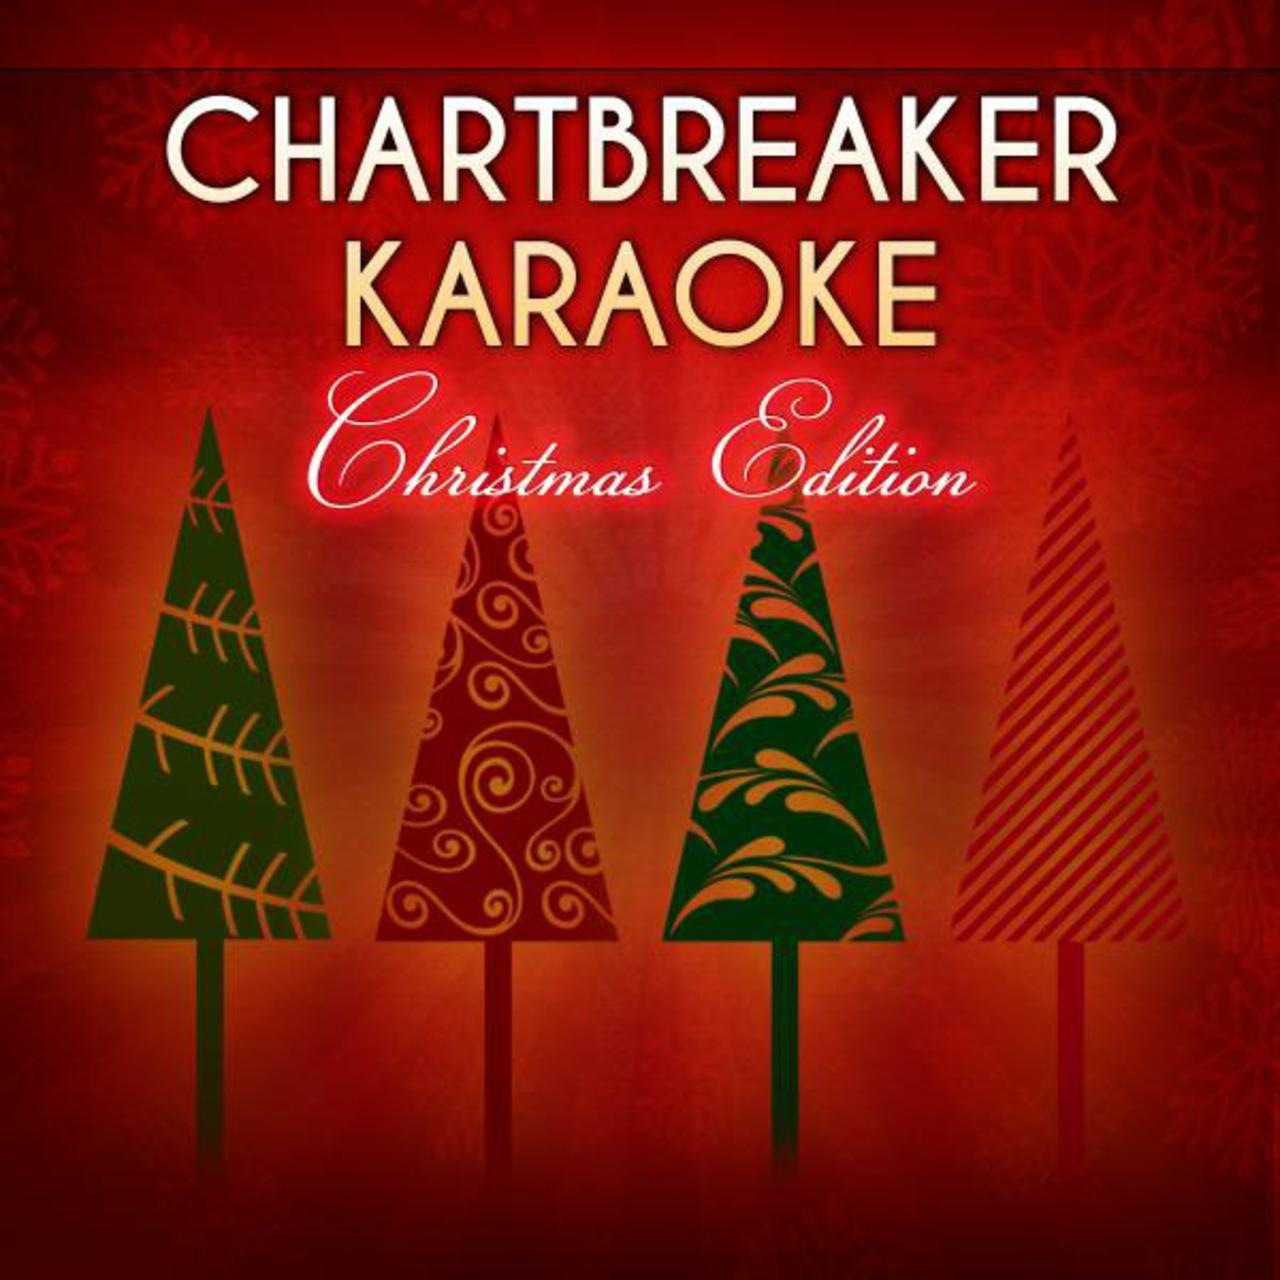 TIDAL: Listen to Chartbreaker Karaoke on TIDAL